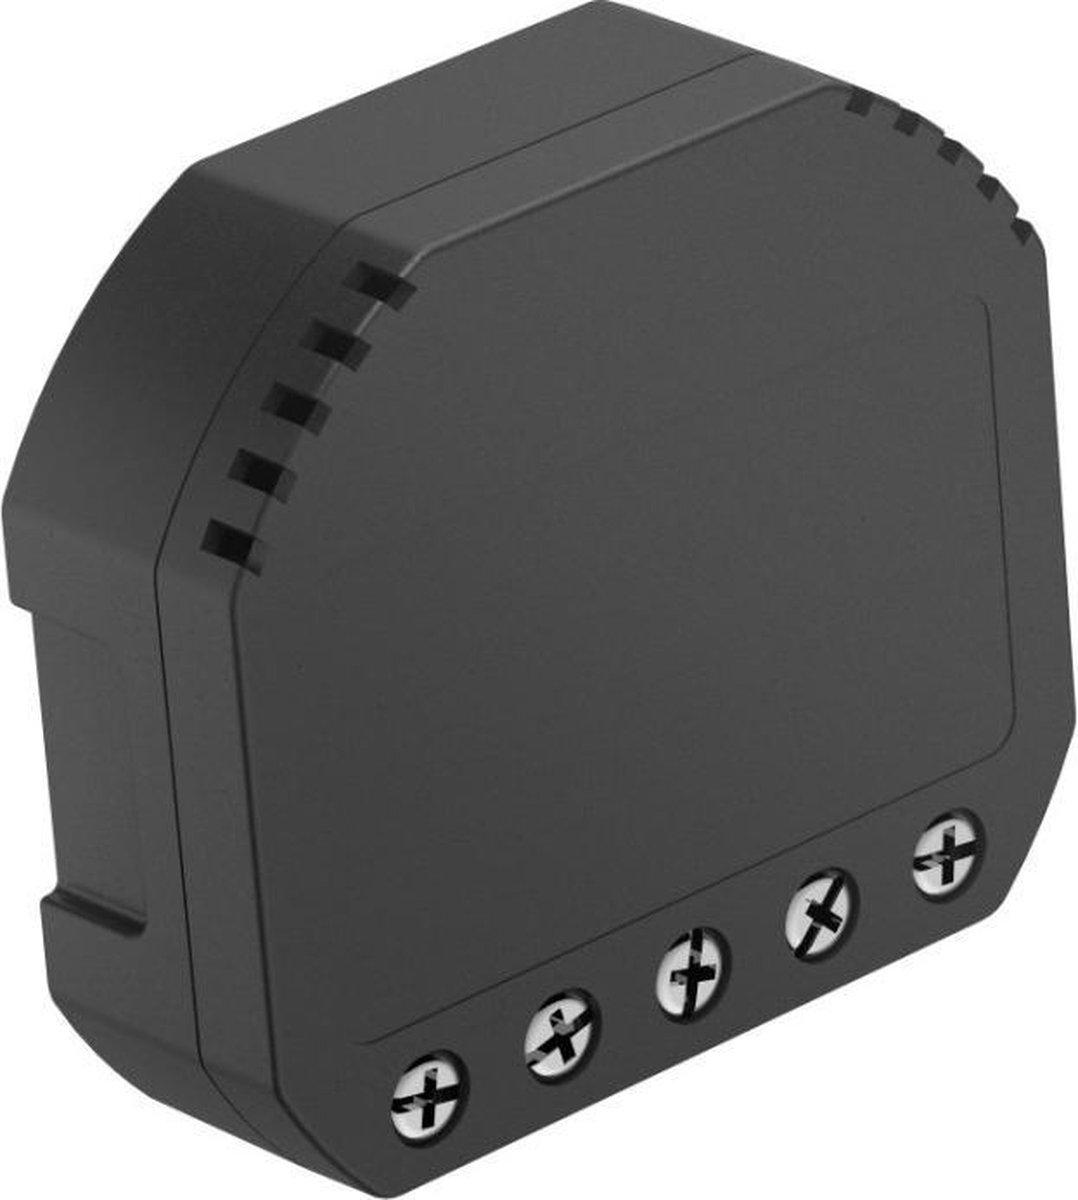 Hama WiFi-upgrade-switch Voor Lampen En Stopcontacten Inbouwmontage